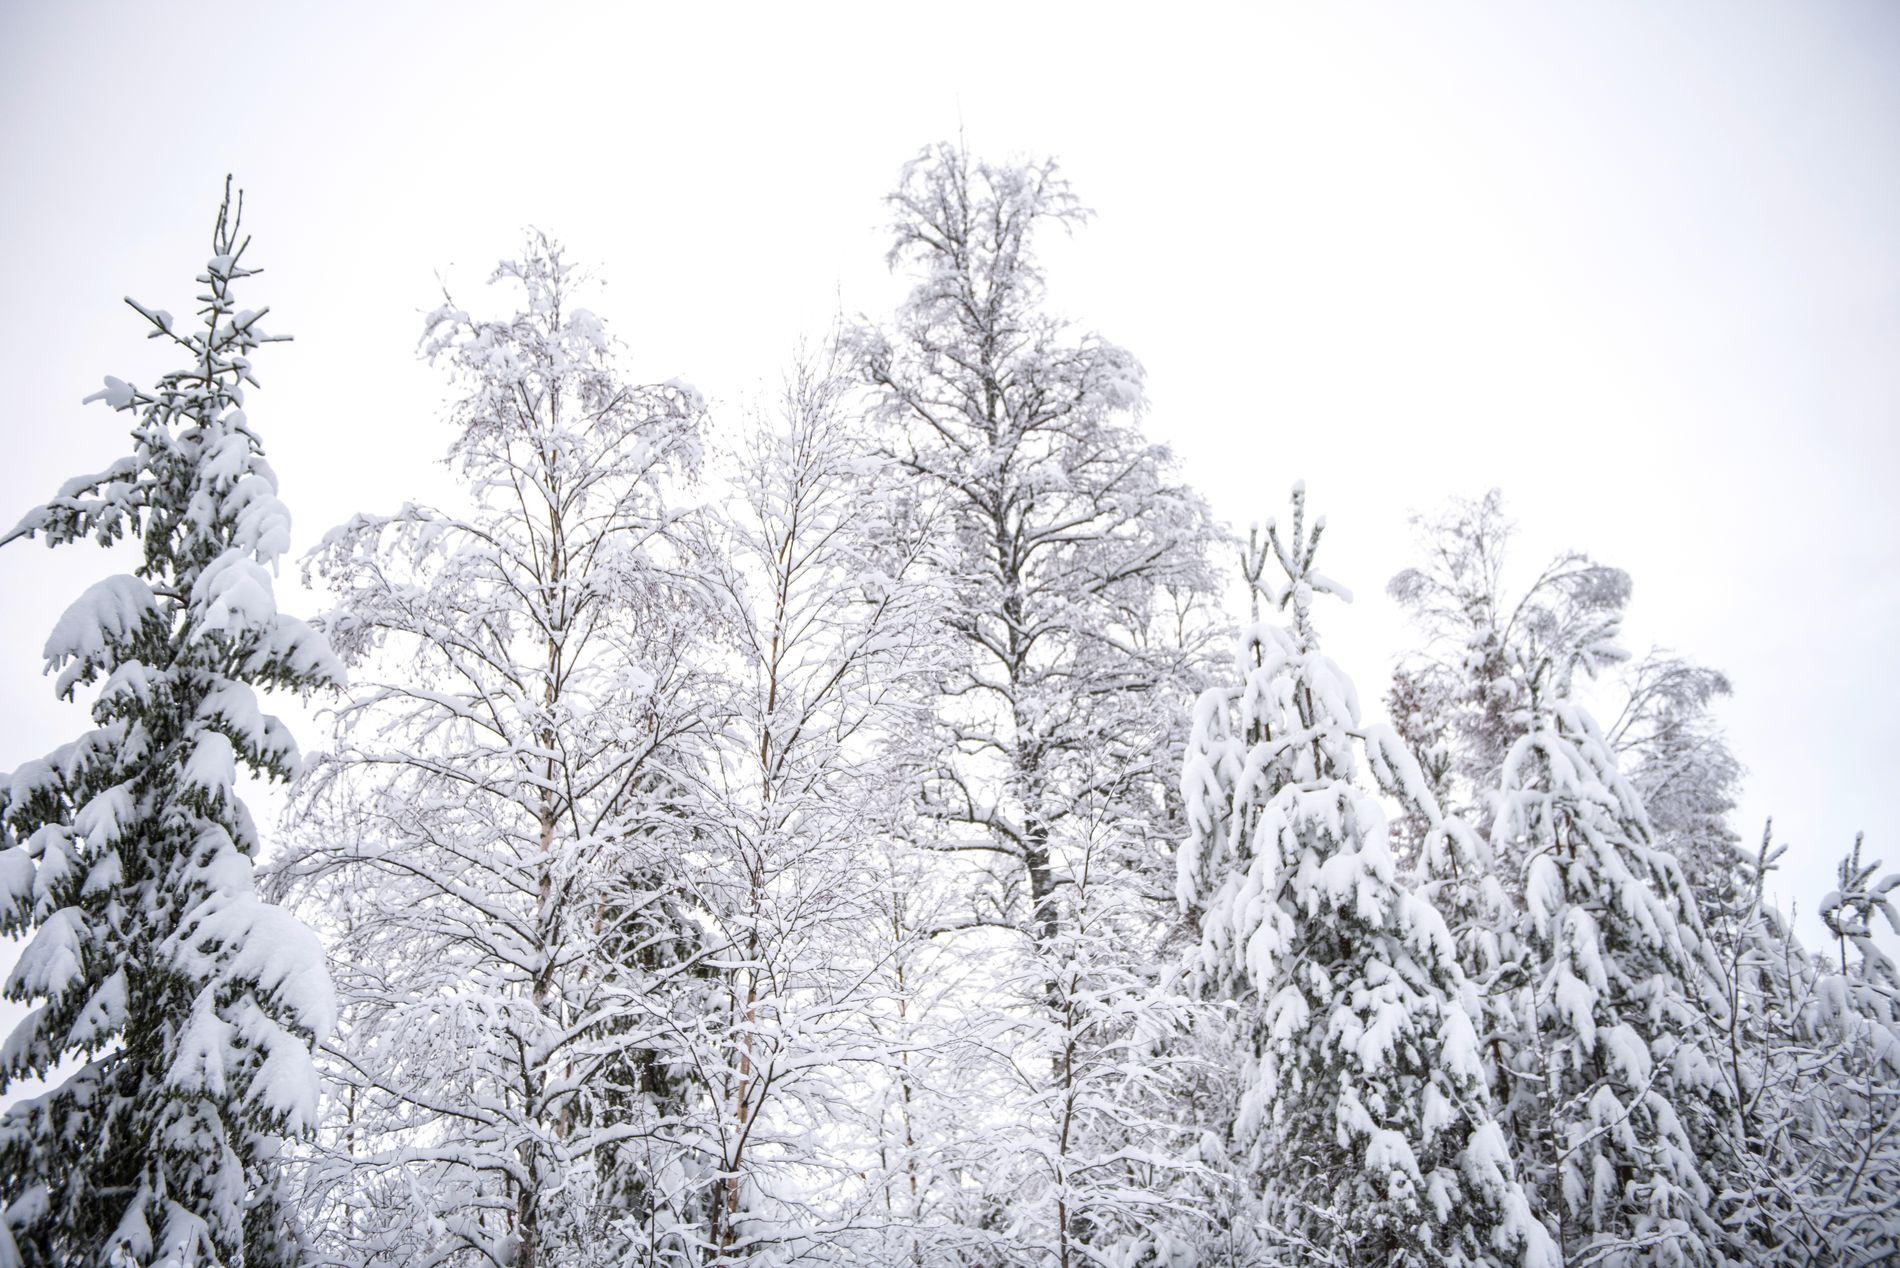 SNØFATTIG: Nå kan det bli påfyll av snø og mer vinter i Norge. Her fra Nes i Akershus, fotografert i desember i fjor.